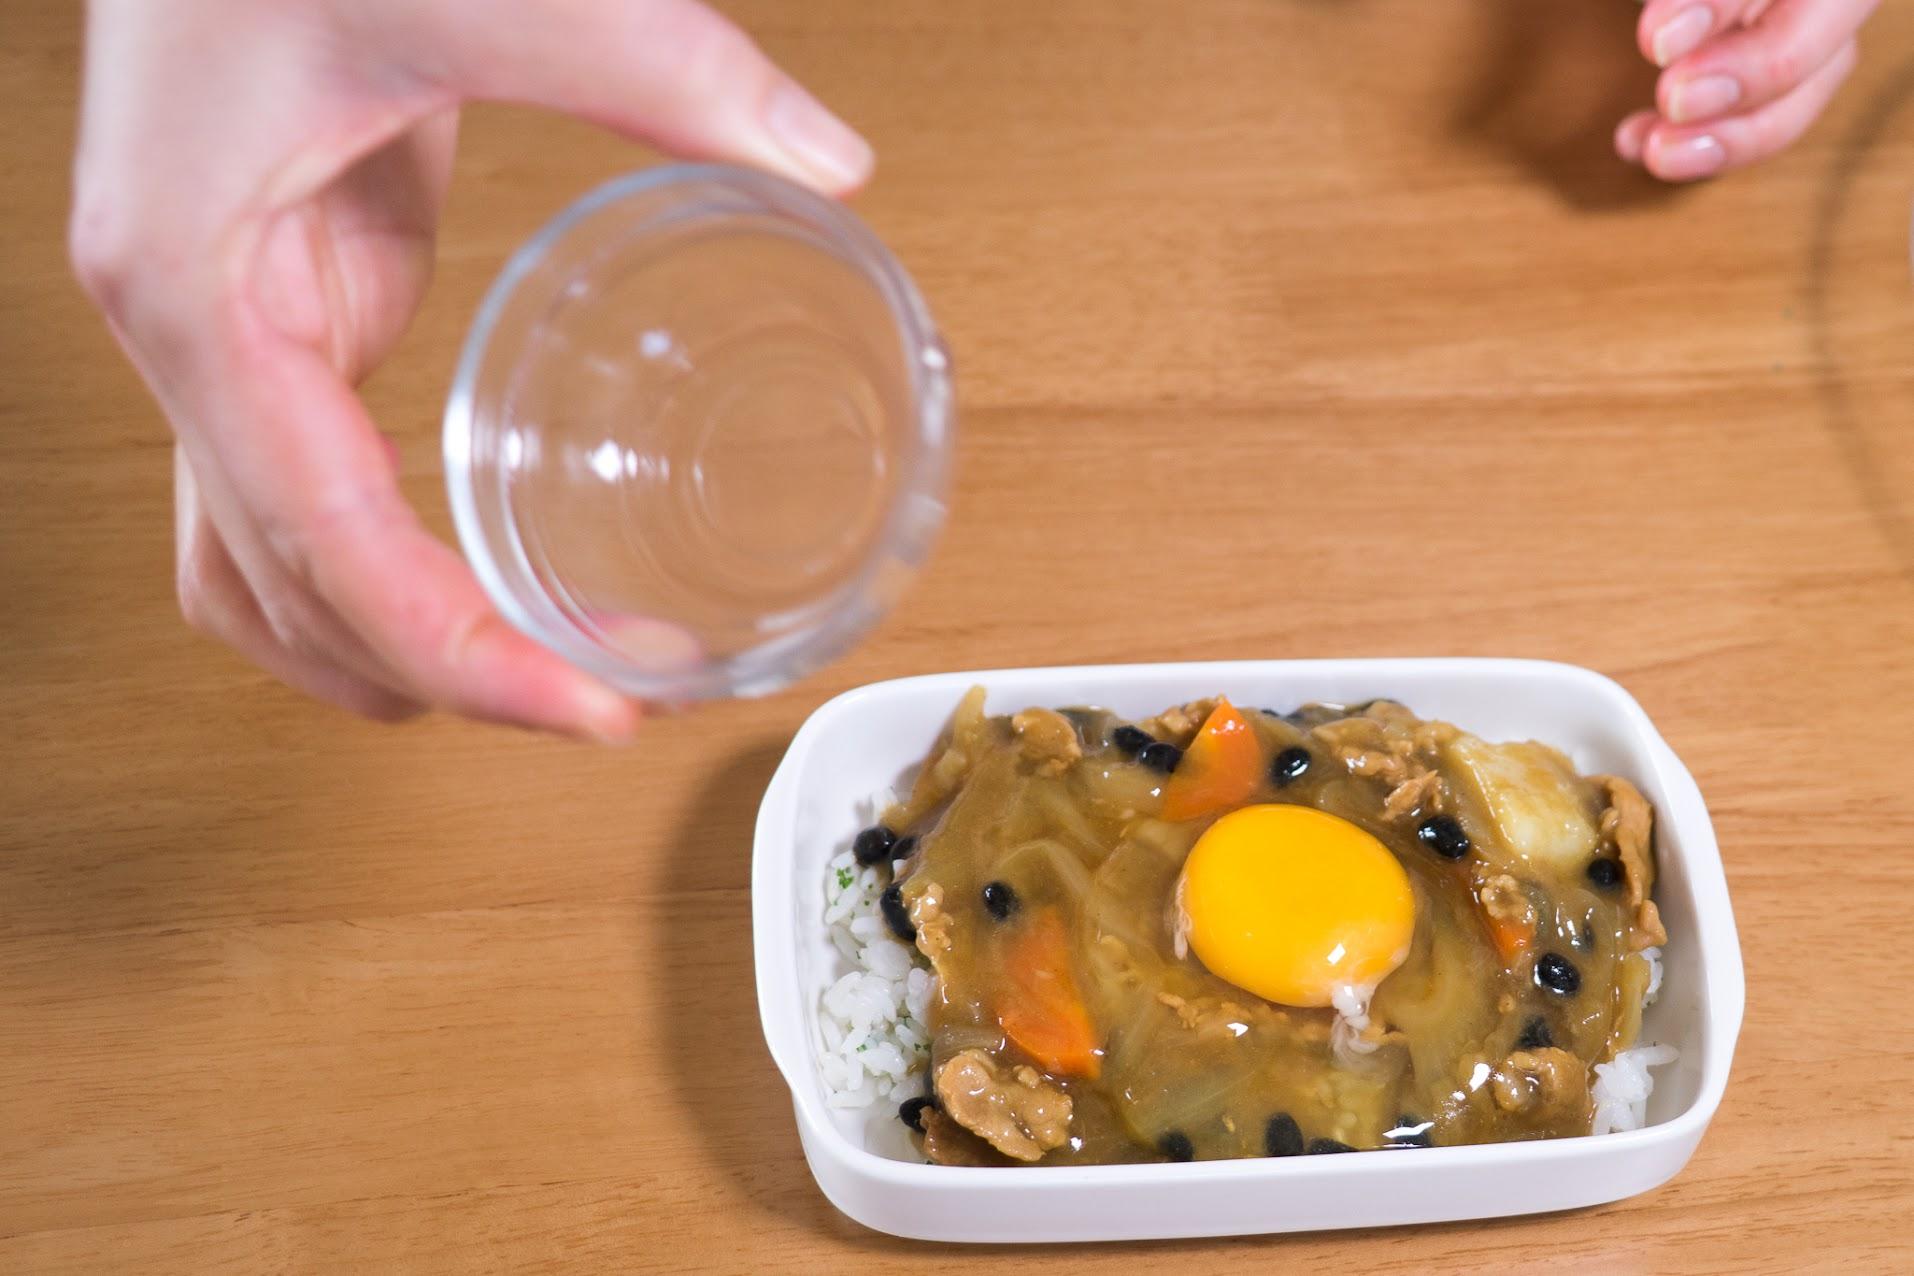 黒千石大豆入り焼きチーズカレー:カレールーをかけ卵を割り入れる